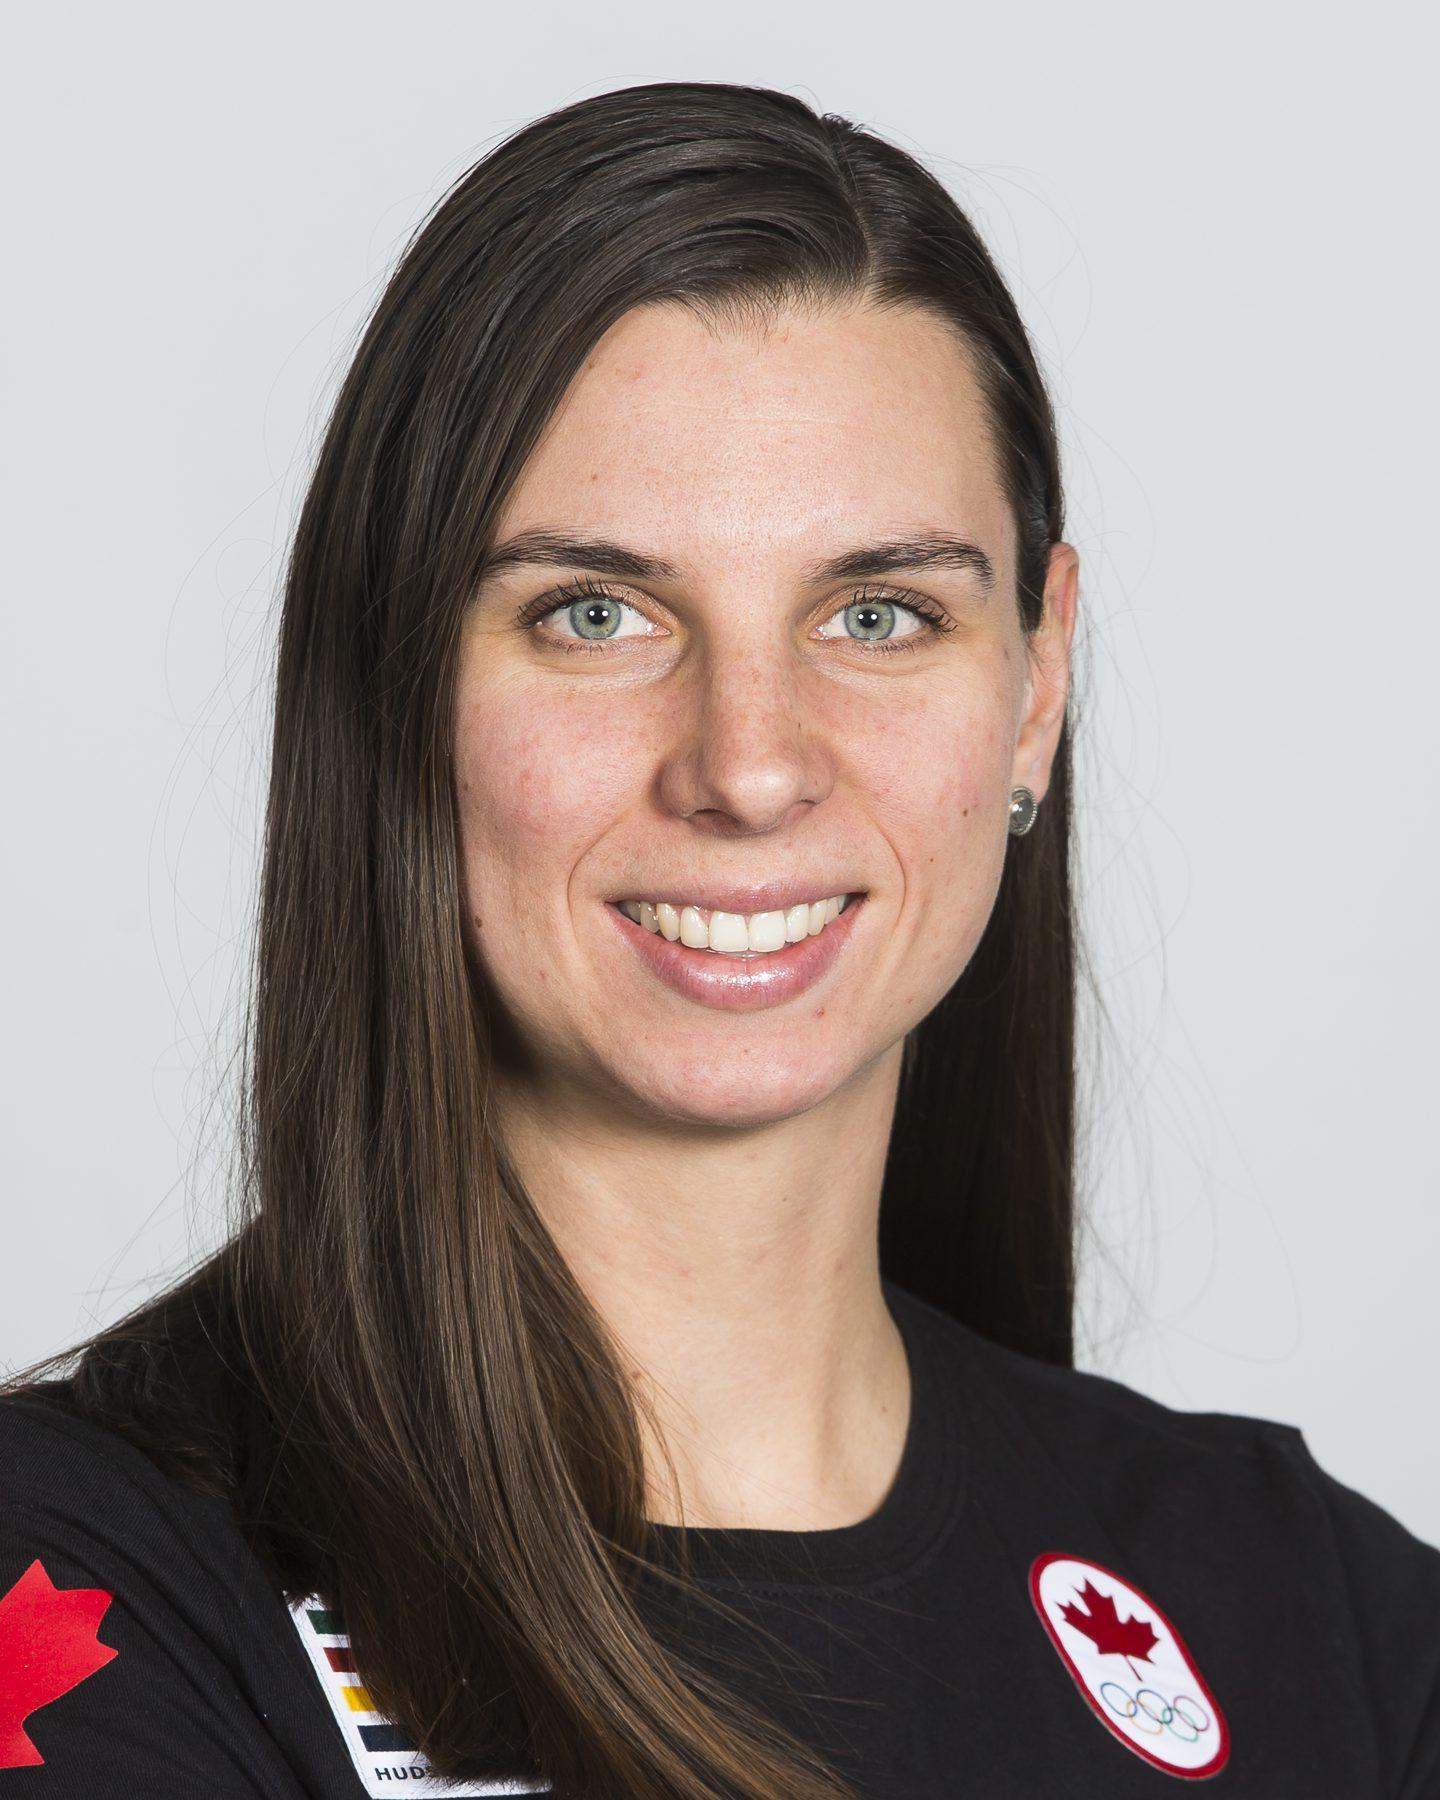 Keri Morrison